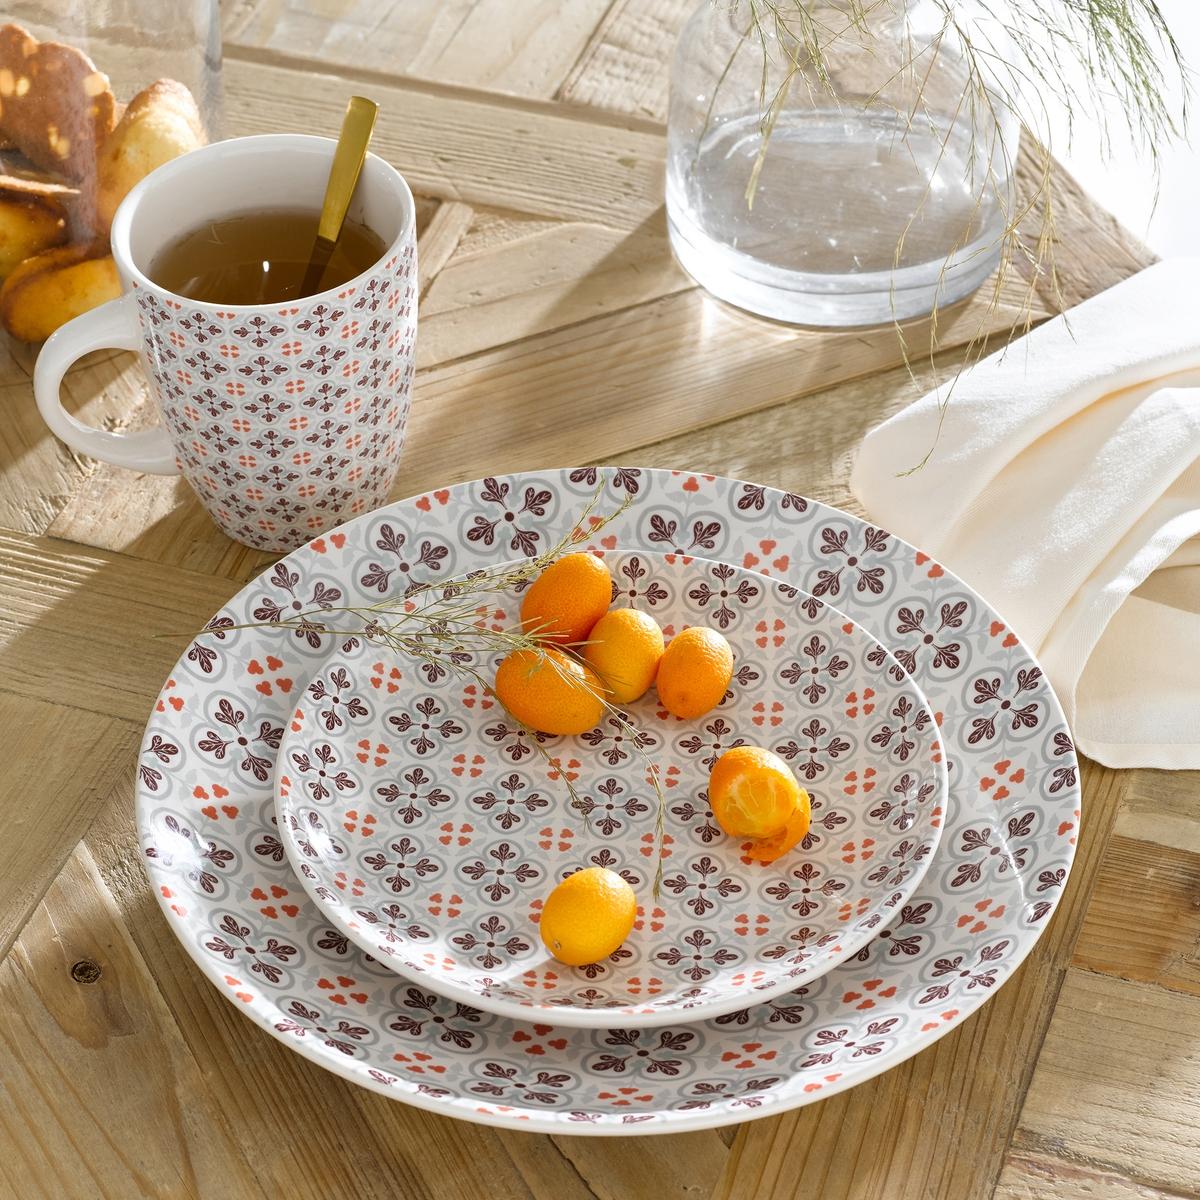 Комплект из 4 мелких тарелок из фаянса, диаметр 26,5 см4 тарелки плоские с рисунком под цементную плитку . Завтрак, обед или ужин, La Redoute Int?rieurs Вас приглашает к столу. Характеристики 4 плоских тарелок с рисунком под цементную плитку  :- Из фаянса, разноцветные.- Диаметр 26,5 см  .- Можно использовать в посудомоечных машинах и микроволновых печах.Десертные тарелки и чашки того же комплекта продаются на сайте laredoute  .ru<br><br>Цвет: набивной рисунок